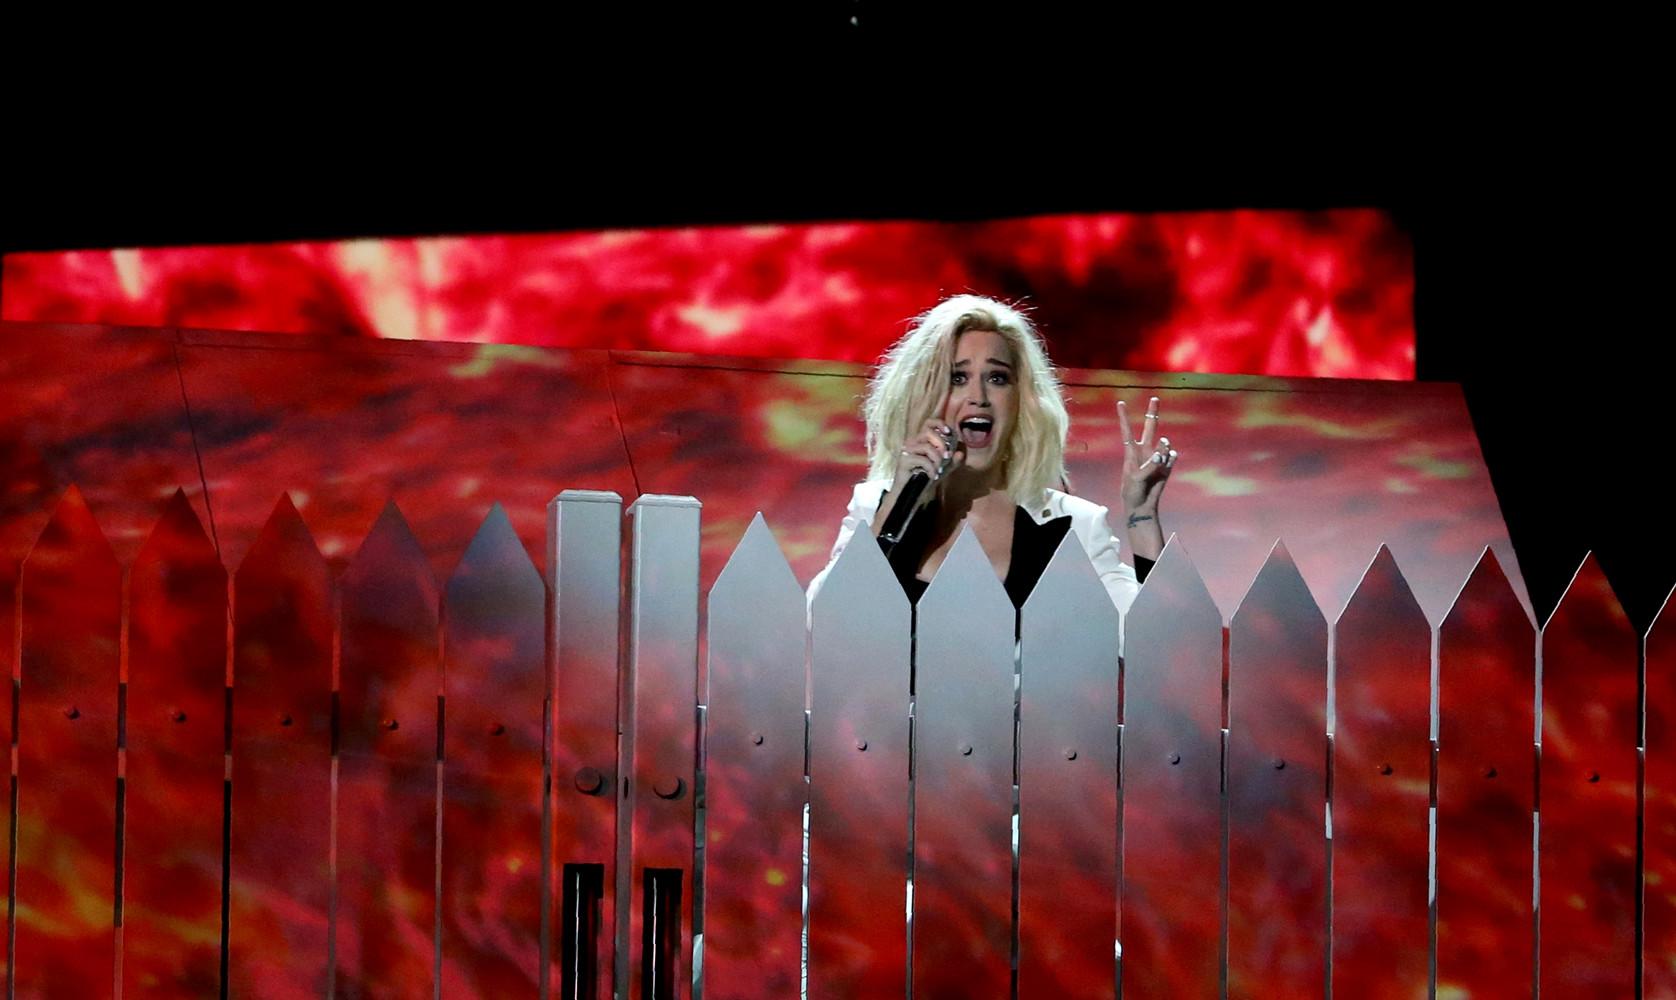 Кэти Перри выступала на сцене с повязкой на руке, на которой был написан призыв к протестам против администрации Трампа.